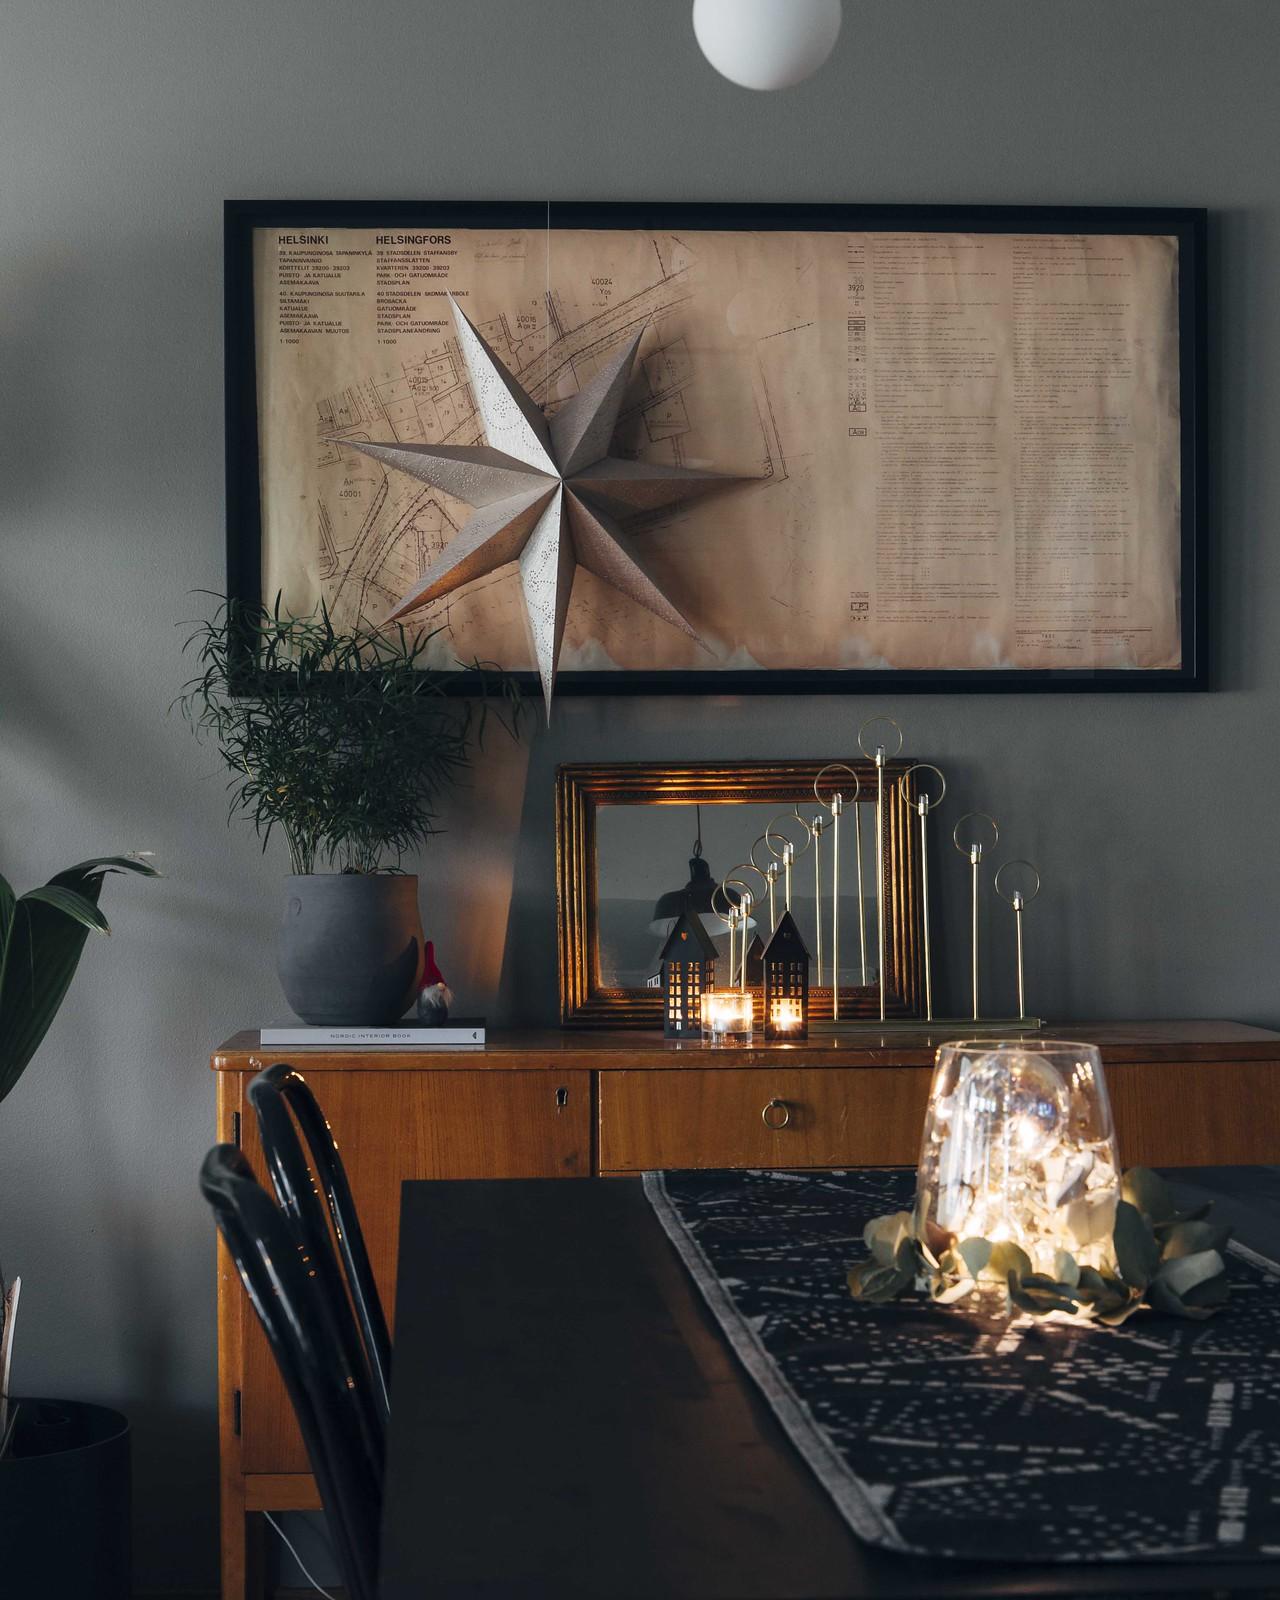 Musta ruokapöytä, jonka päällä on harmaa kaitaliina ja valosarjalla täytetty maljakko. Seinällä roikkuu kultainen paperitähti.